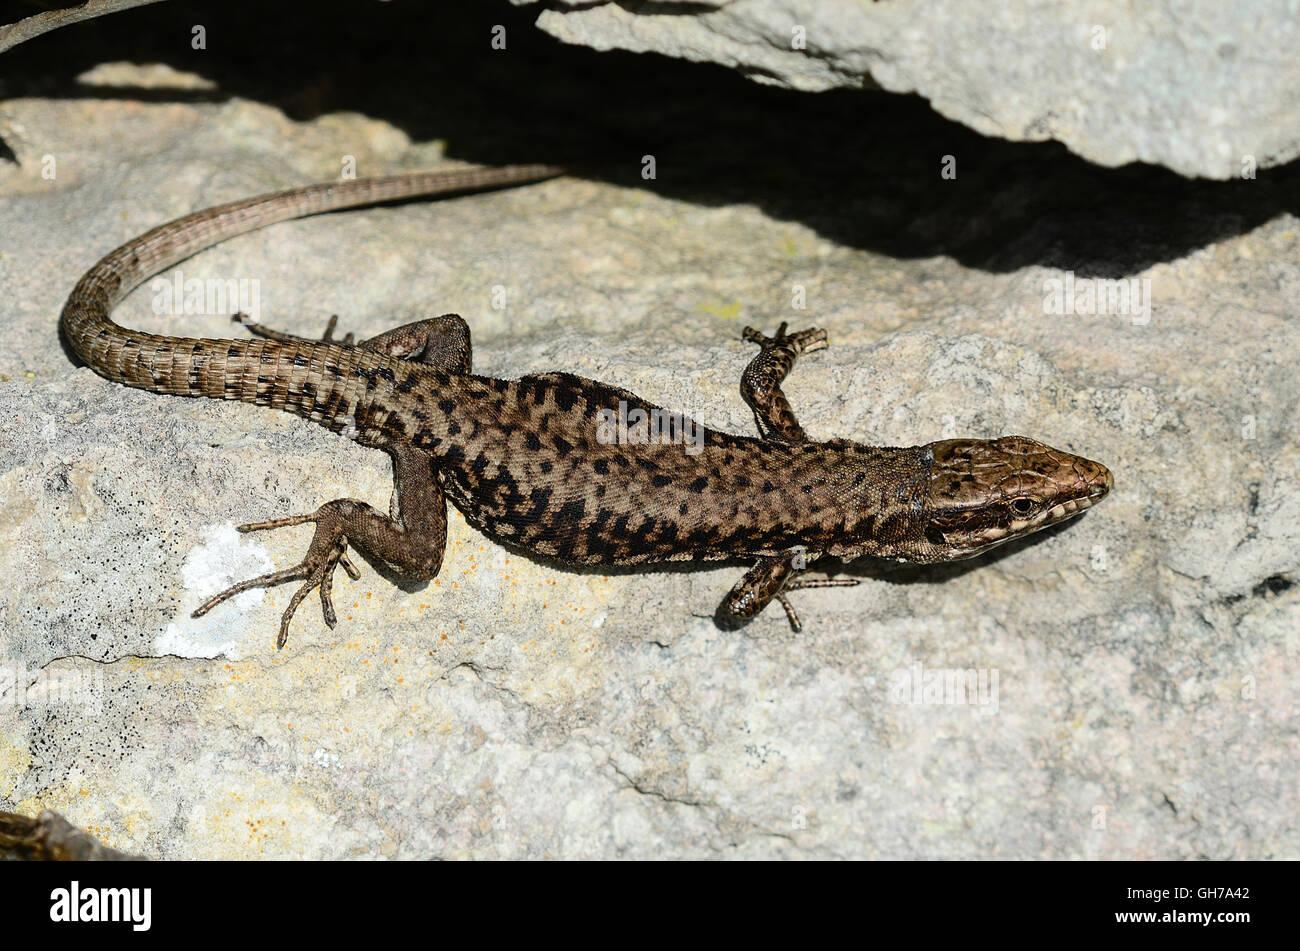 Adult male wall lizard basking Stock Photo